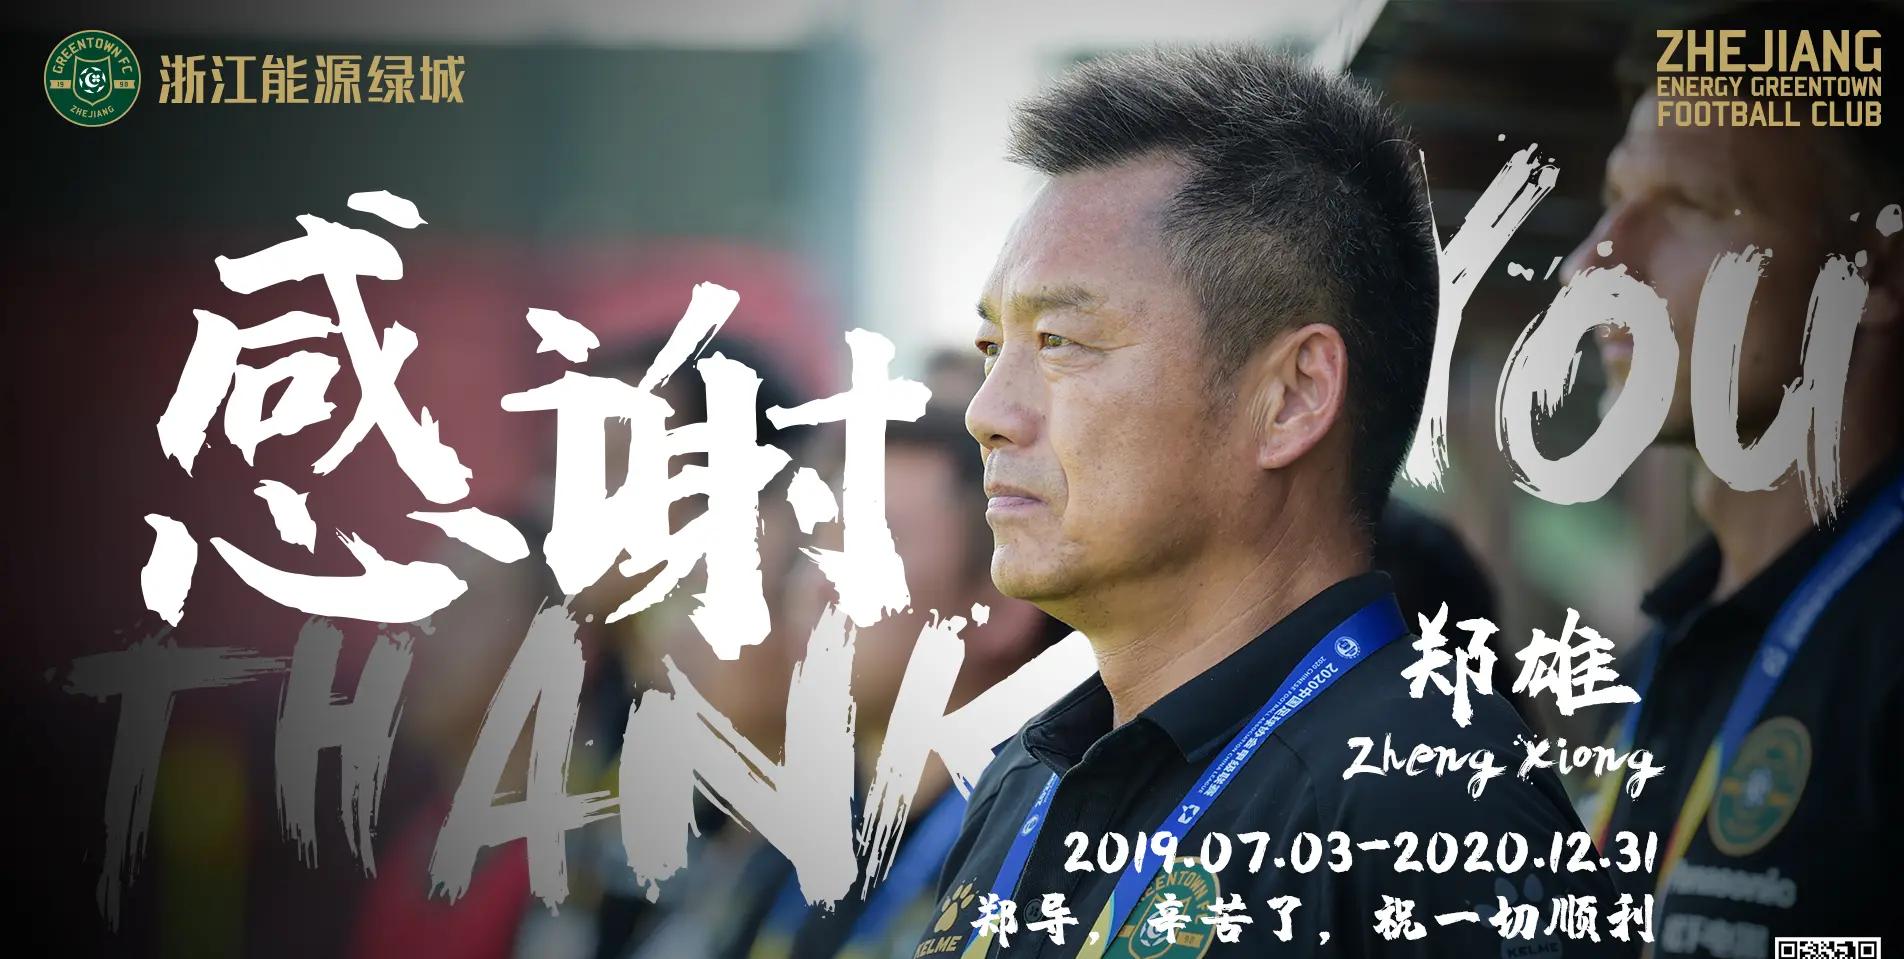 官方:郑雄不再担任浙江绿城足球俱乐部主教练